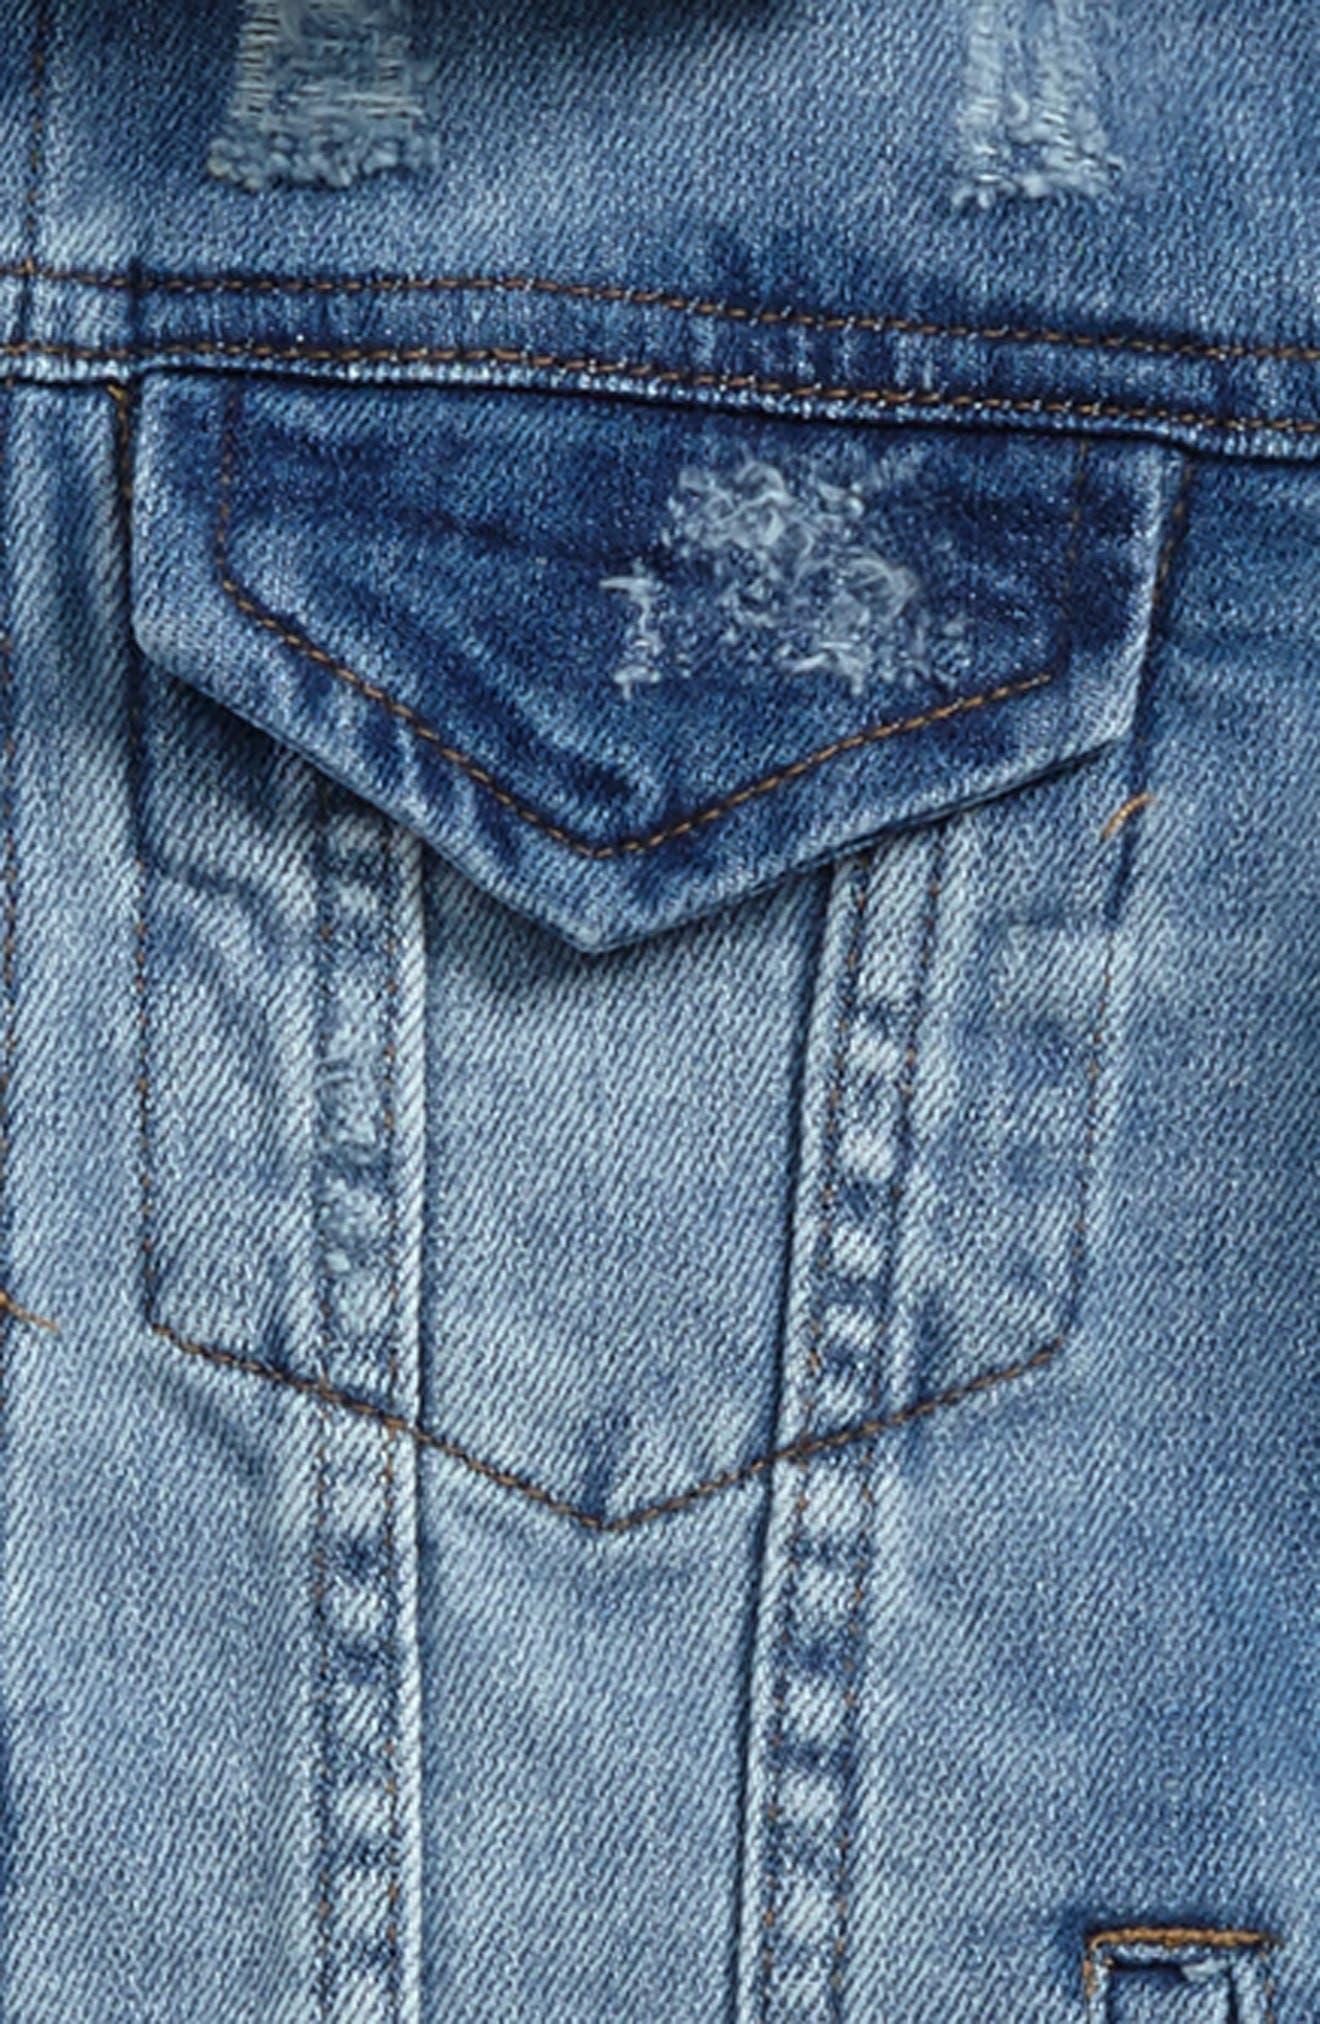 Decon Denim Jacket,                             Alternate thumbnail 2, color,                             407